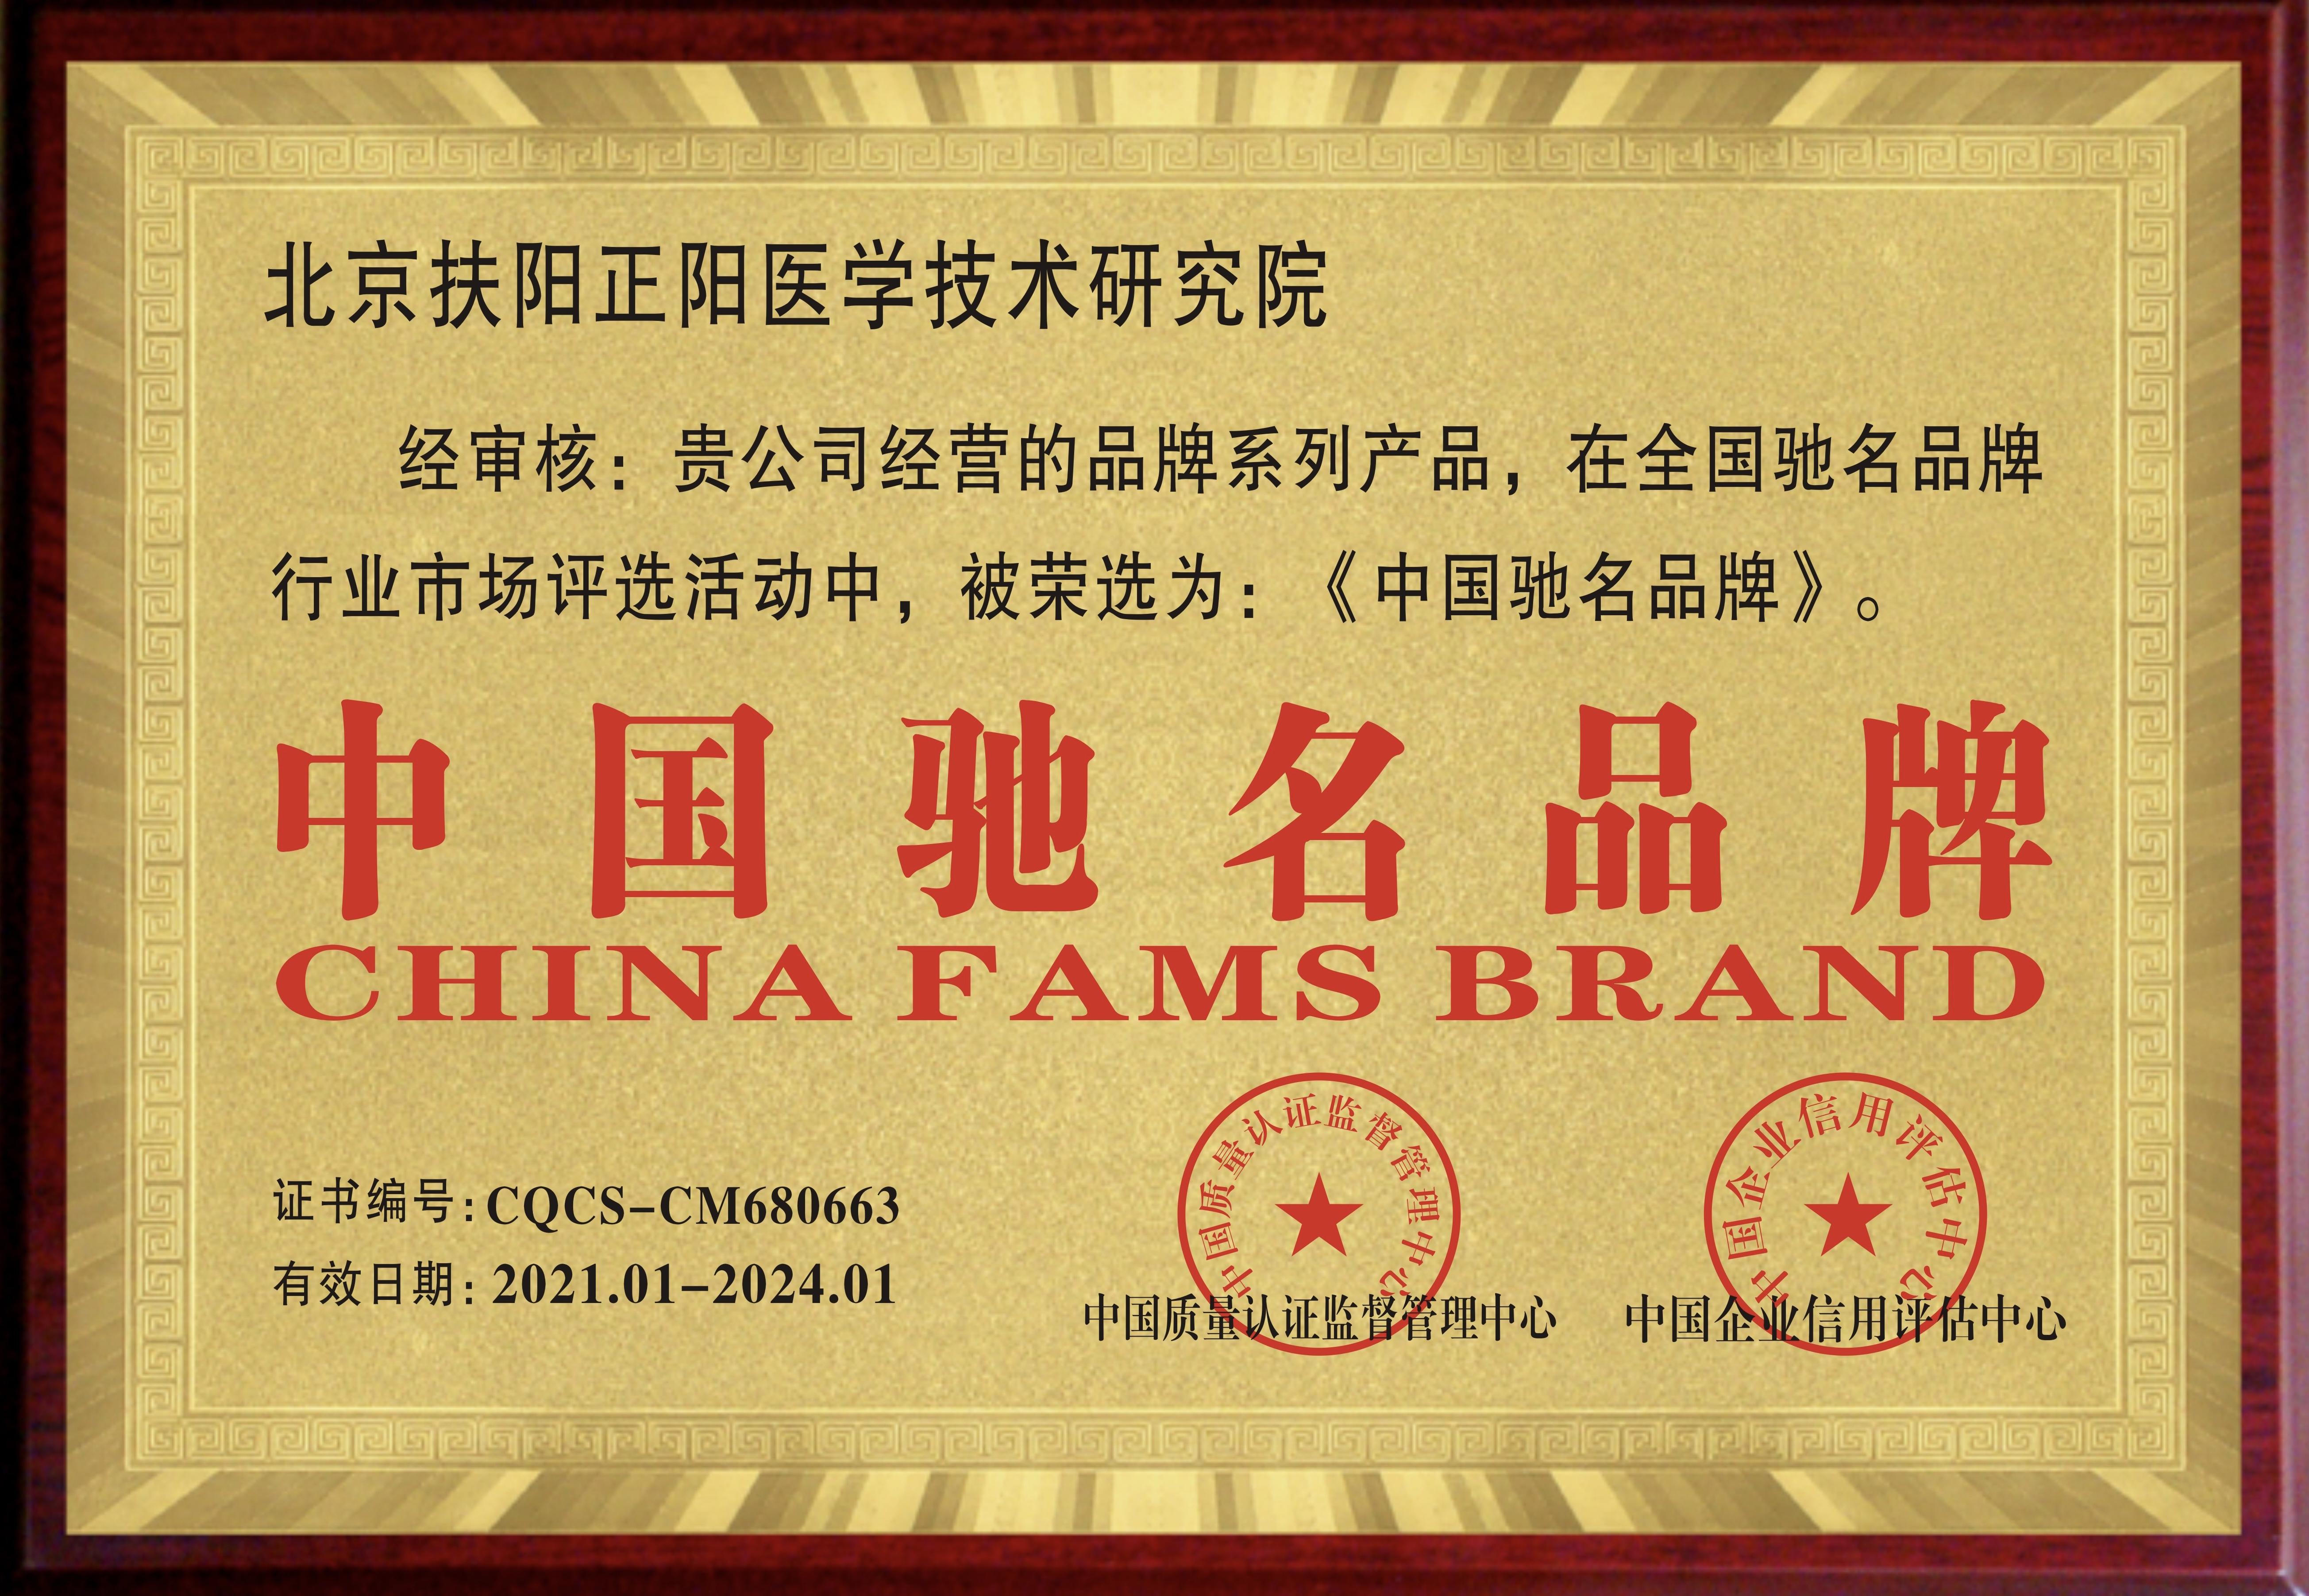 祝贺北京扶阳正阳医学技术研究院被荣选为中国驰名品牌